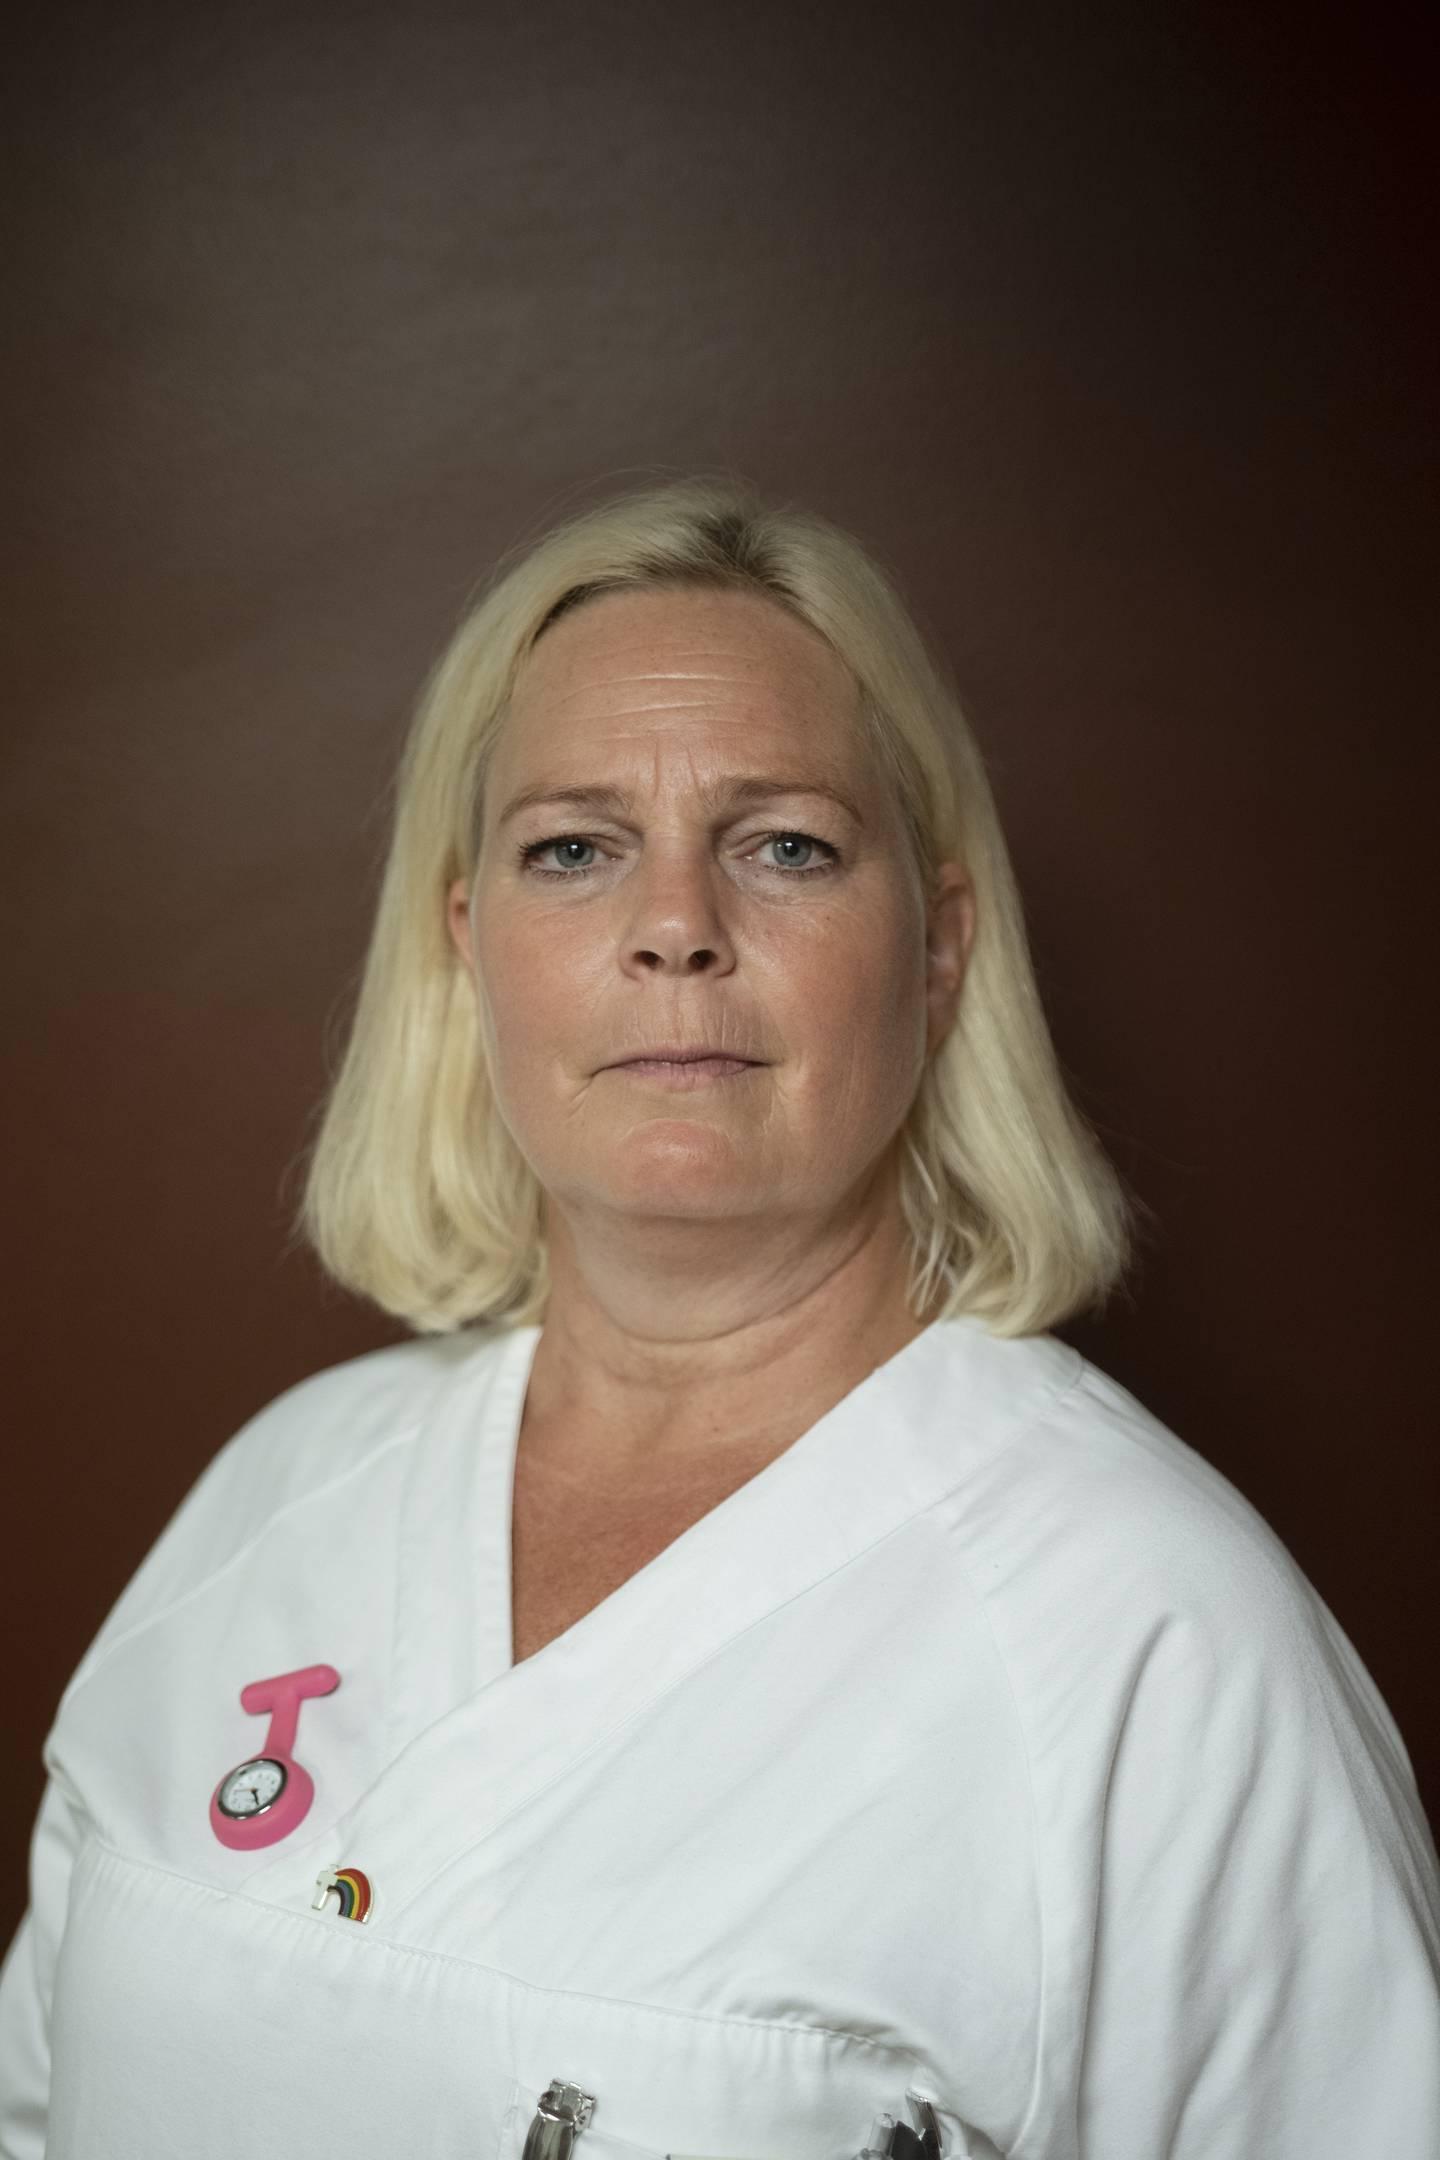 Aud Irene Svartvasmo